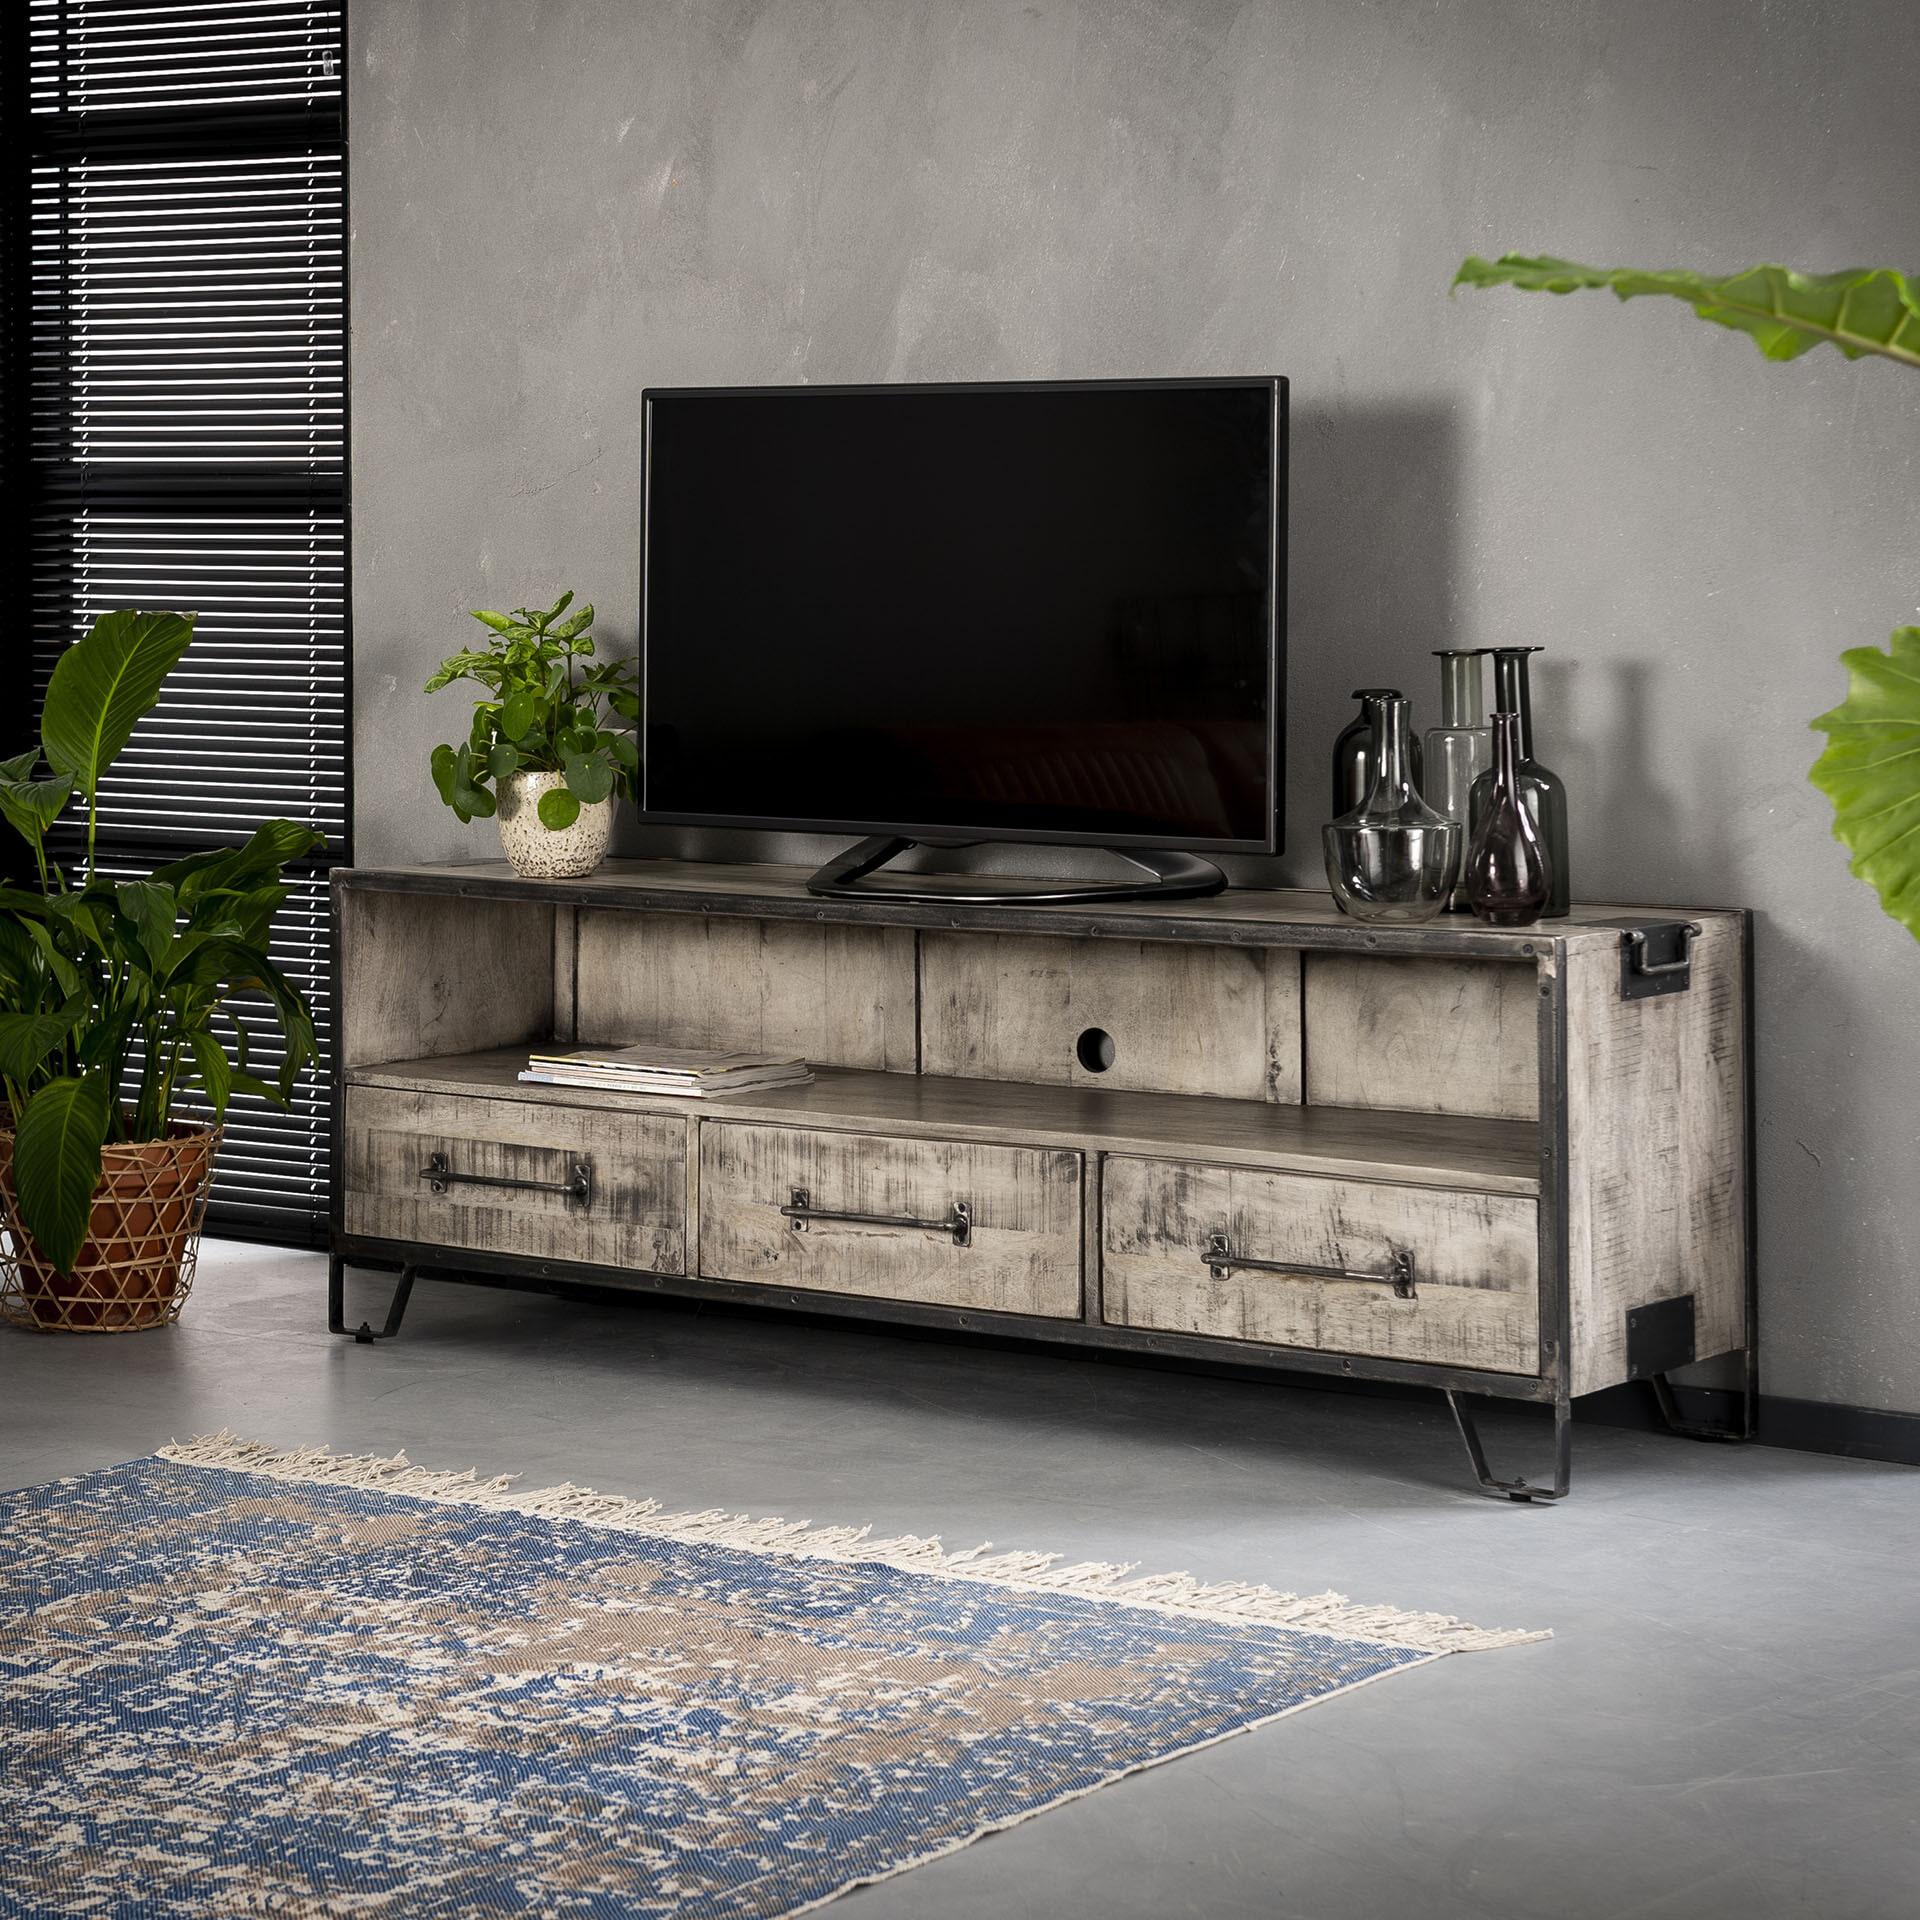 Industrieel TV-meubel 'Rift' massief mangohout, 180cm Kasten | Tv-Meubels & Tv-Kasten vergelijken doe je het voordeligst hier bij Meubelpartner